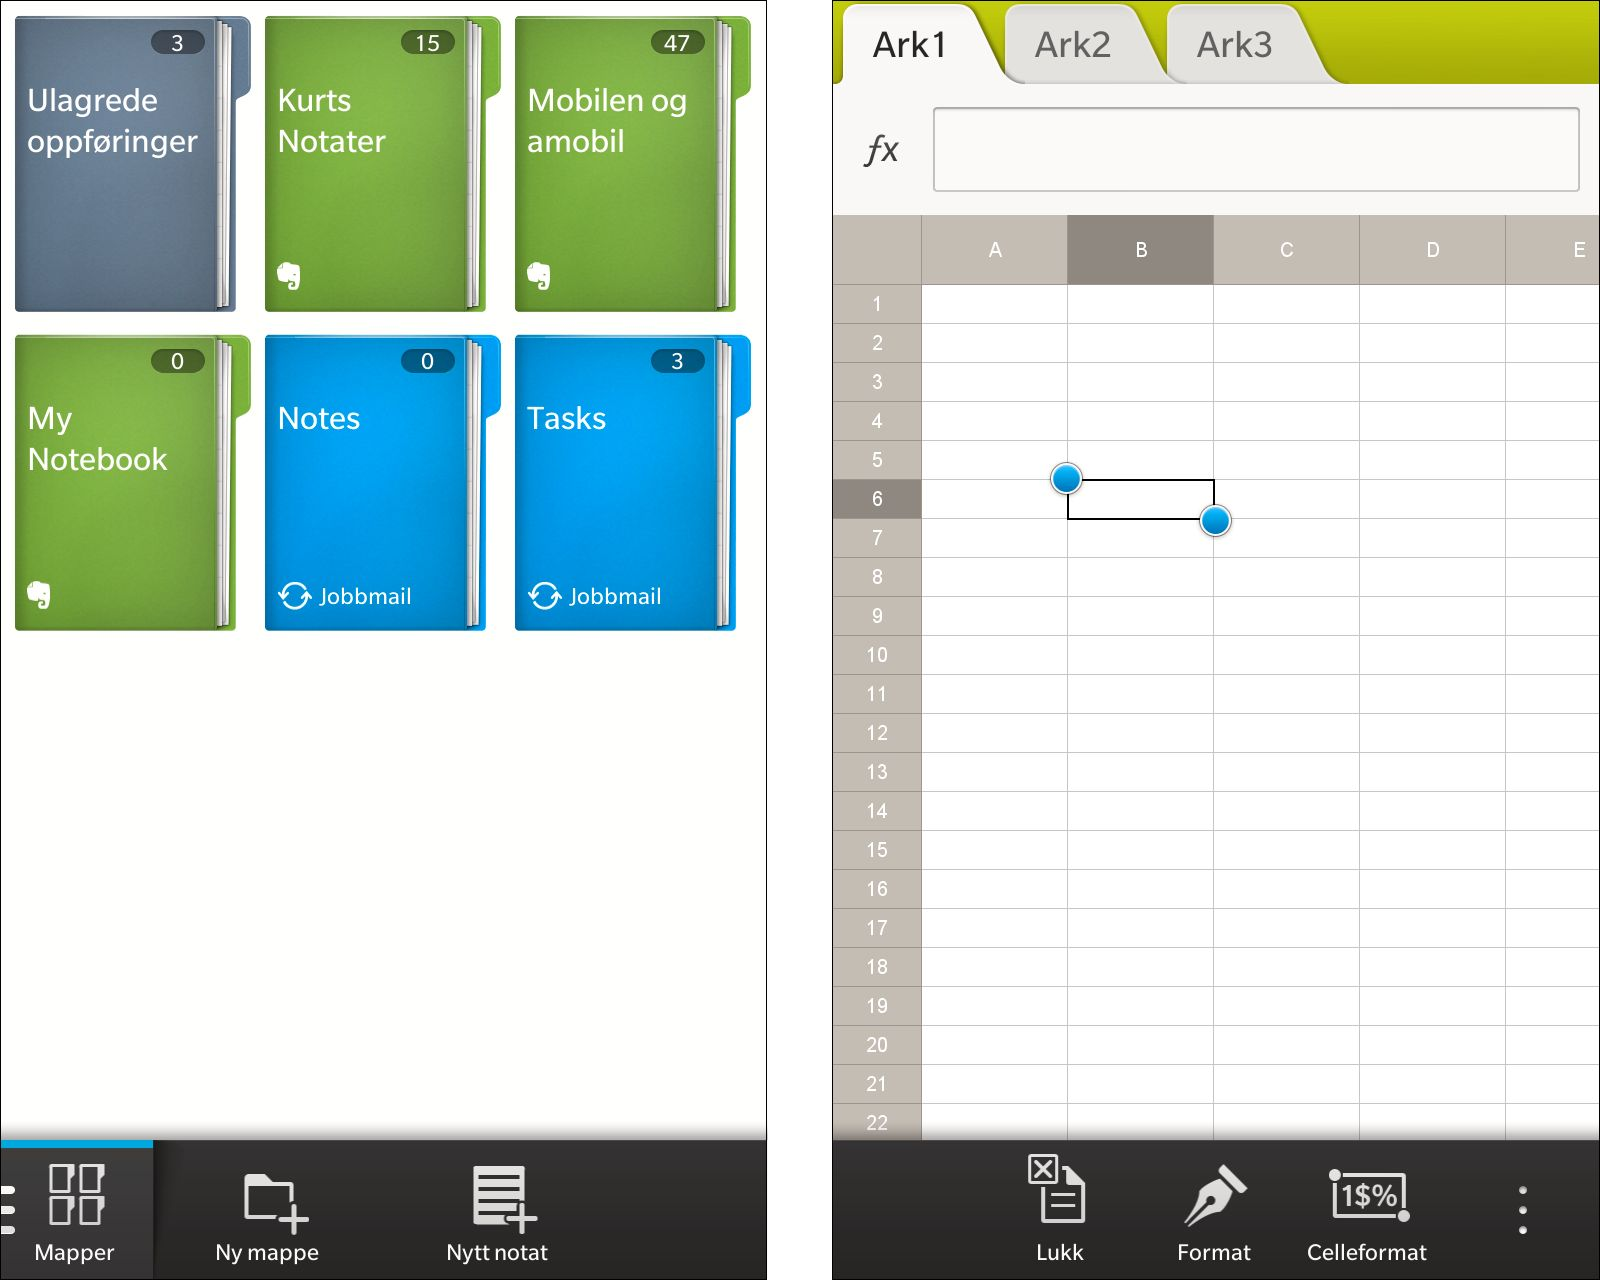 Remember-appen (til venstre) samler notater og oppgaver fra Exchange og Evernote. Med Docs to Go kan du åpne, redigere og opprette dokumenter i Microsofts Office-formater. Redigering av regneark fungerer rimelig smertefritt, så lenge det ikke er snakk om omfattende redigeringer.